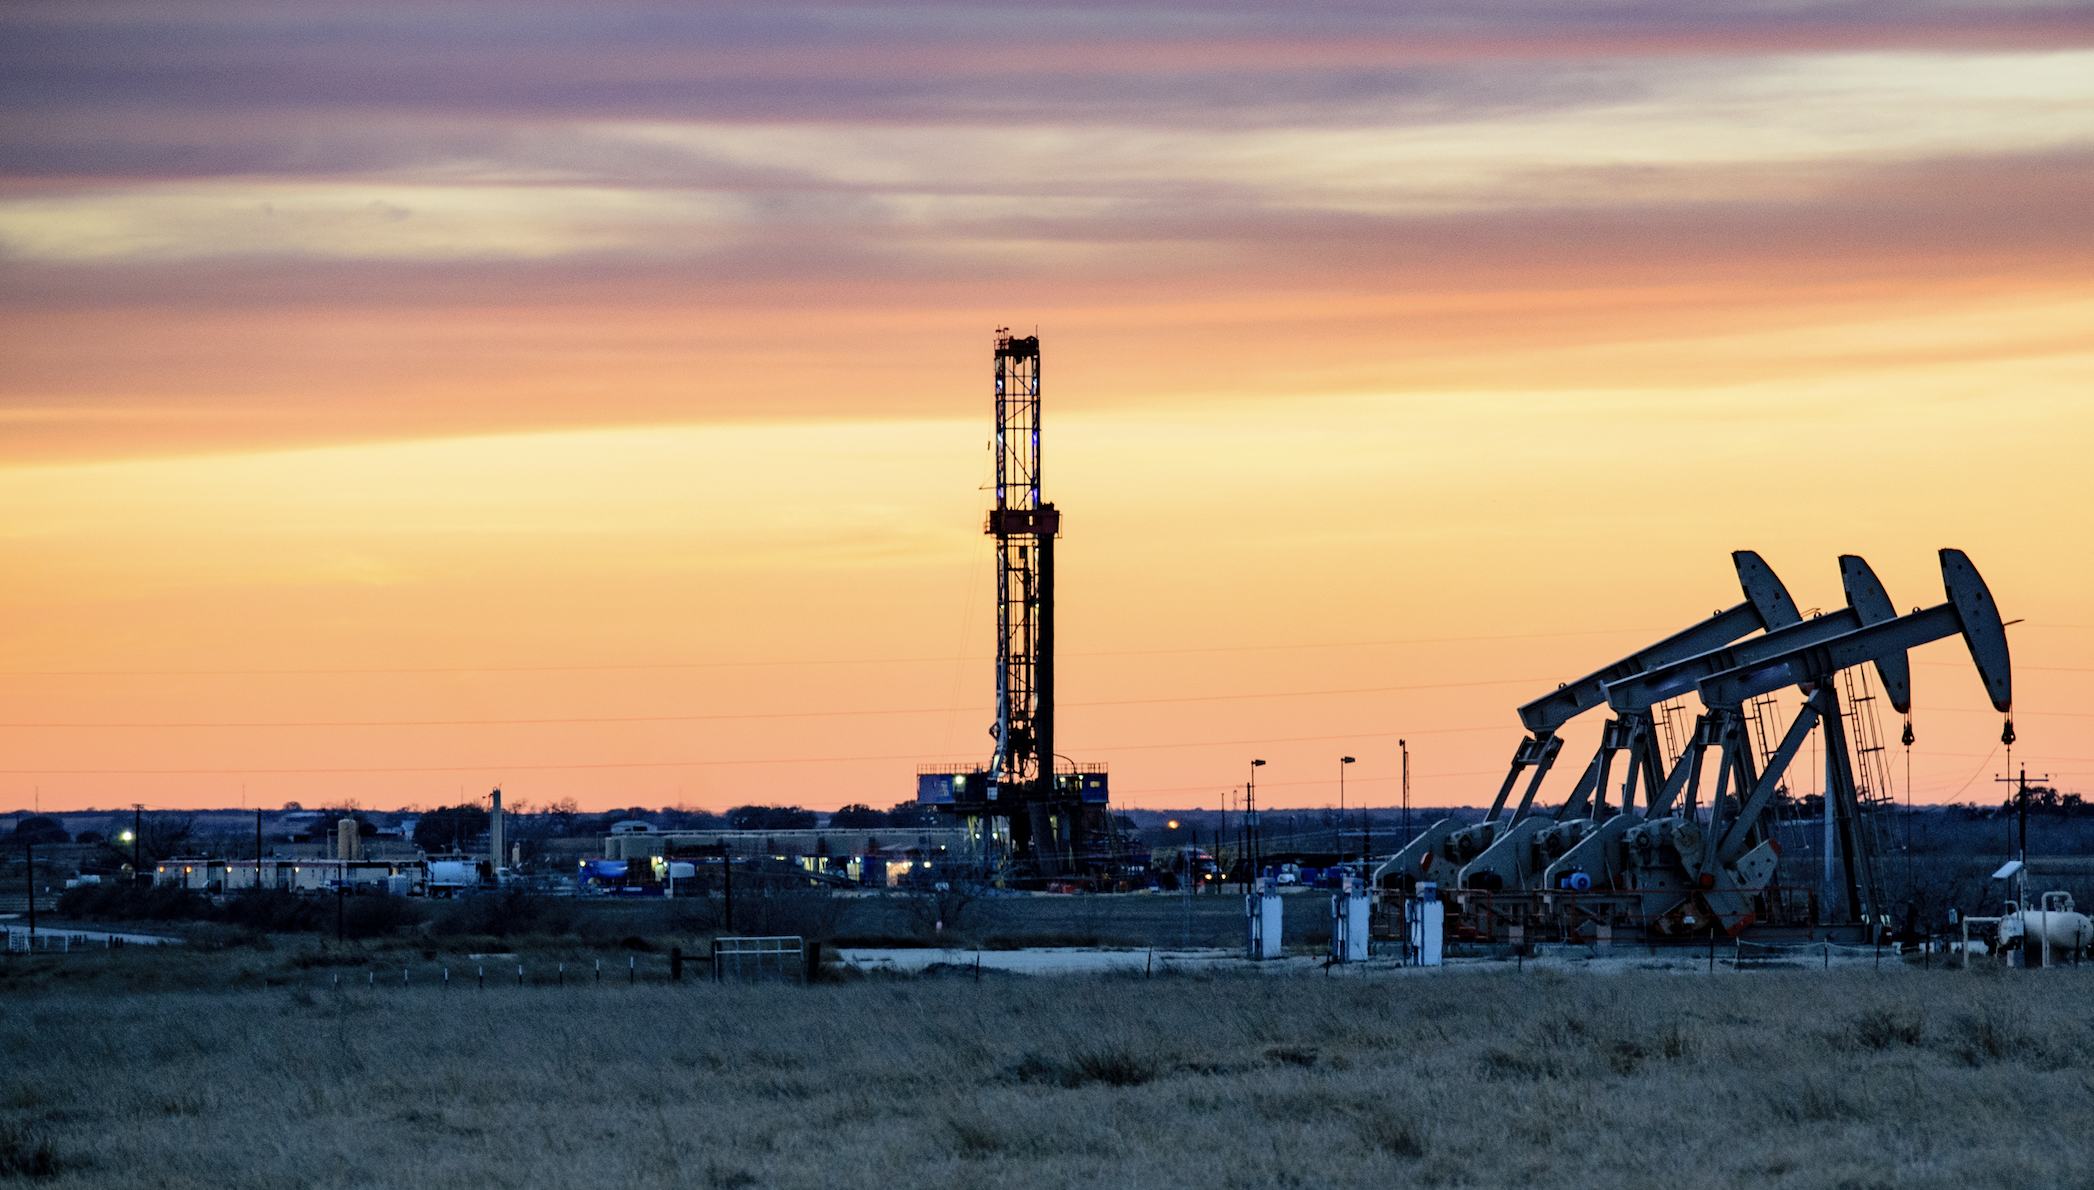 Una plataforma de perforación de gas para fracking con una puesta de sol de fondo.